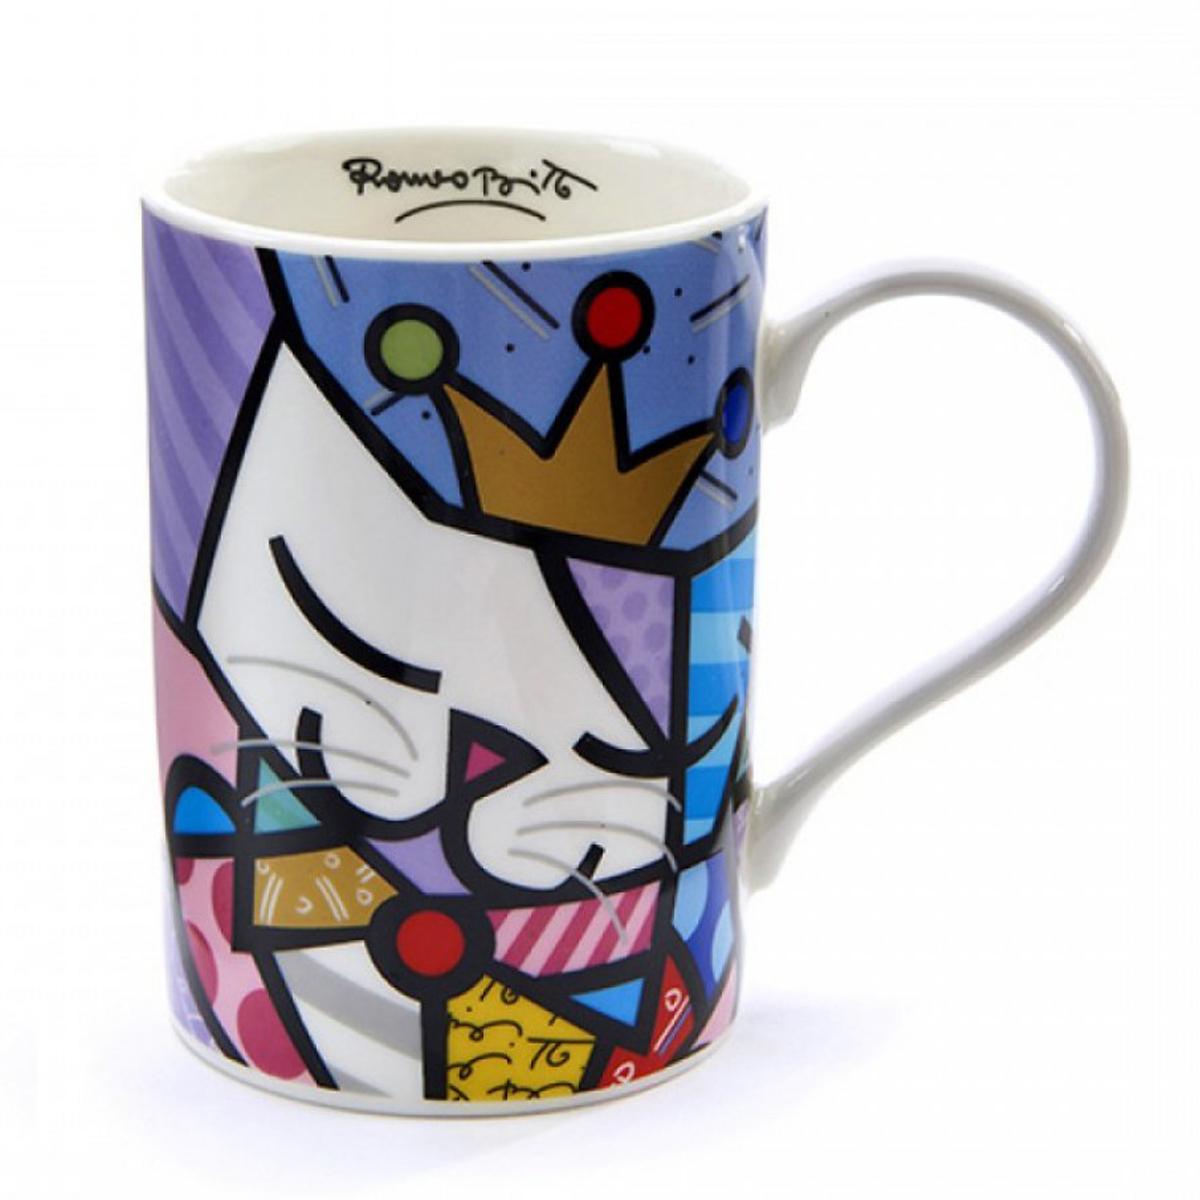 Mug créateur céramique \'Britto\' multicolore (chat) - 105x70 mm - [A1964]